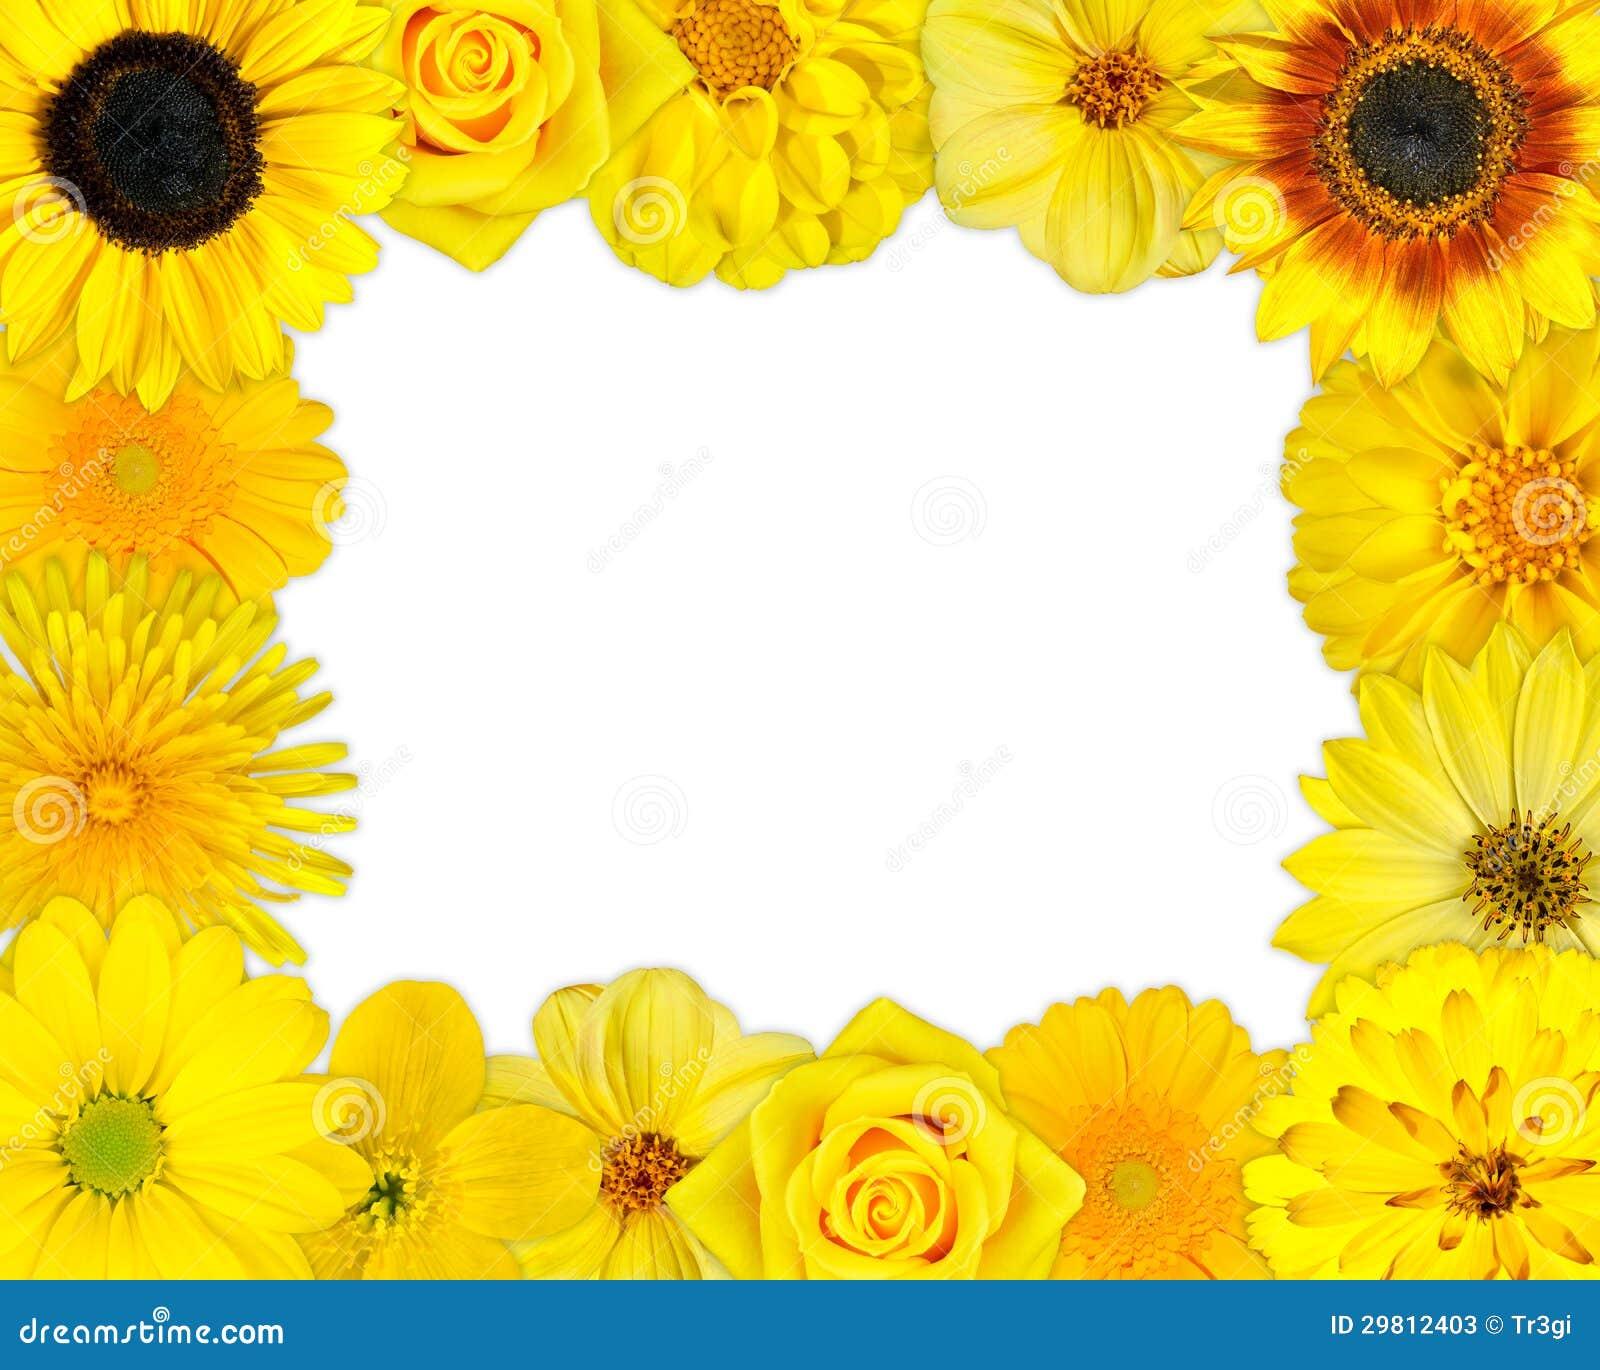 Blumen-Rahmen Mit Gelben Blumen Auf Leerem Hintergrund Stockbild ...